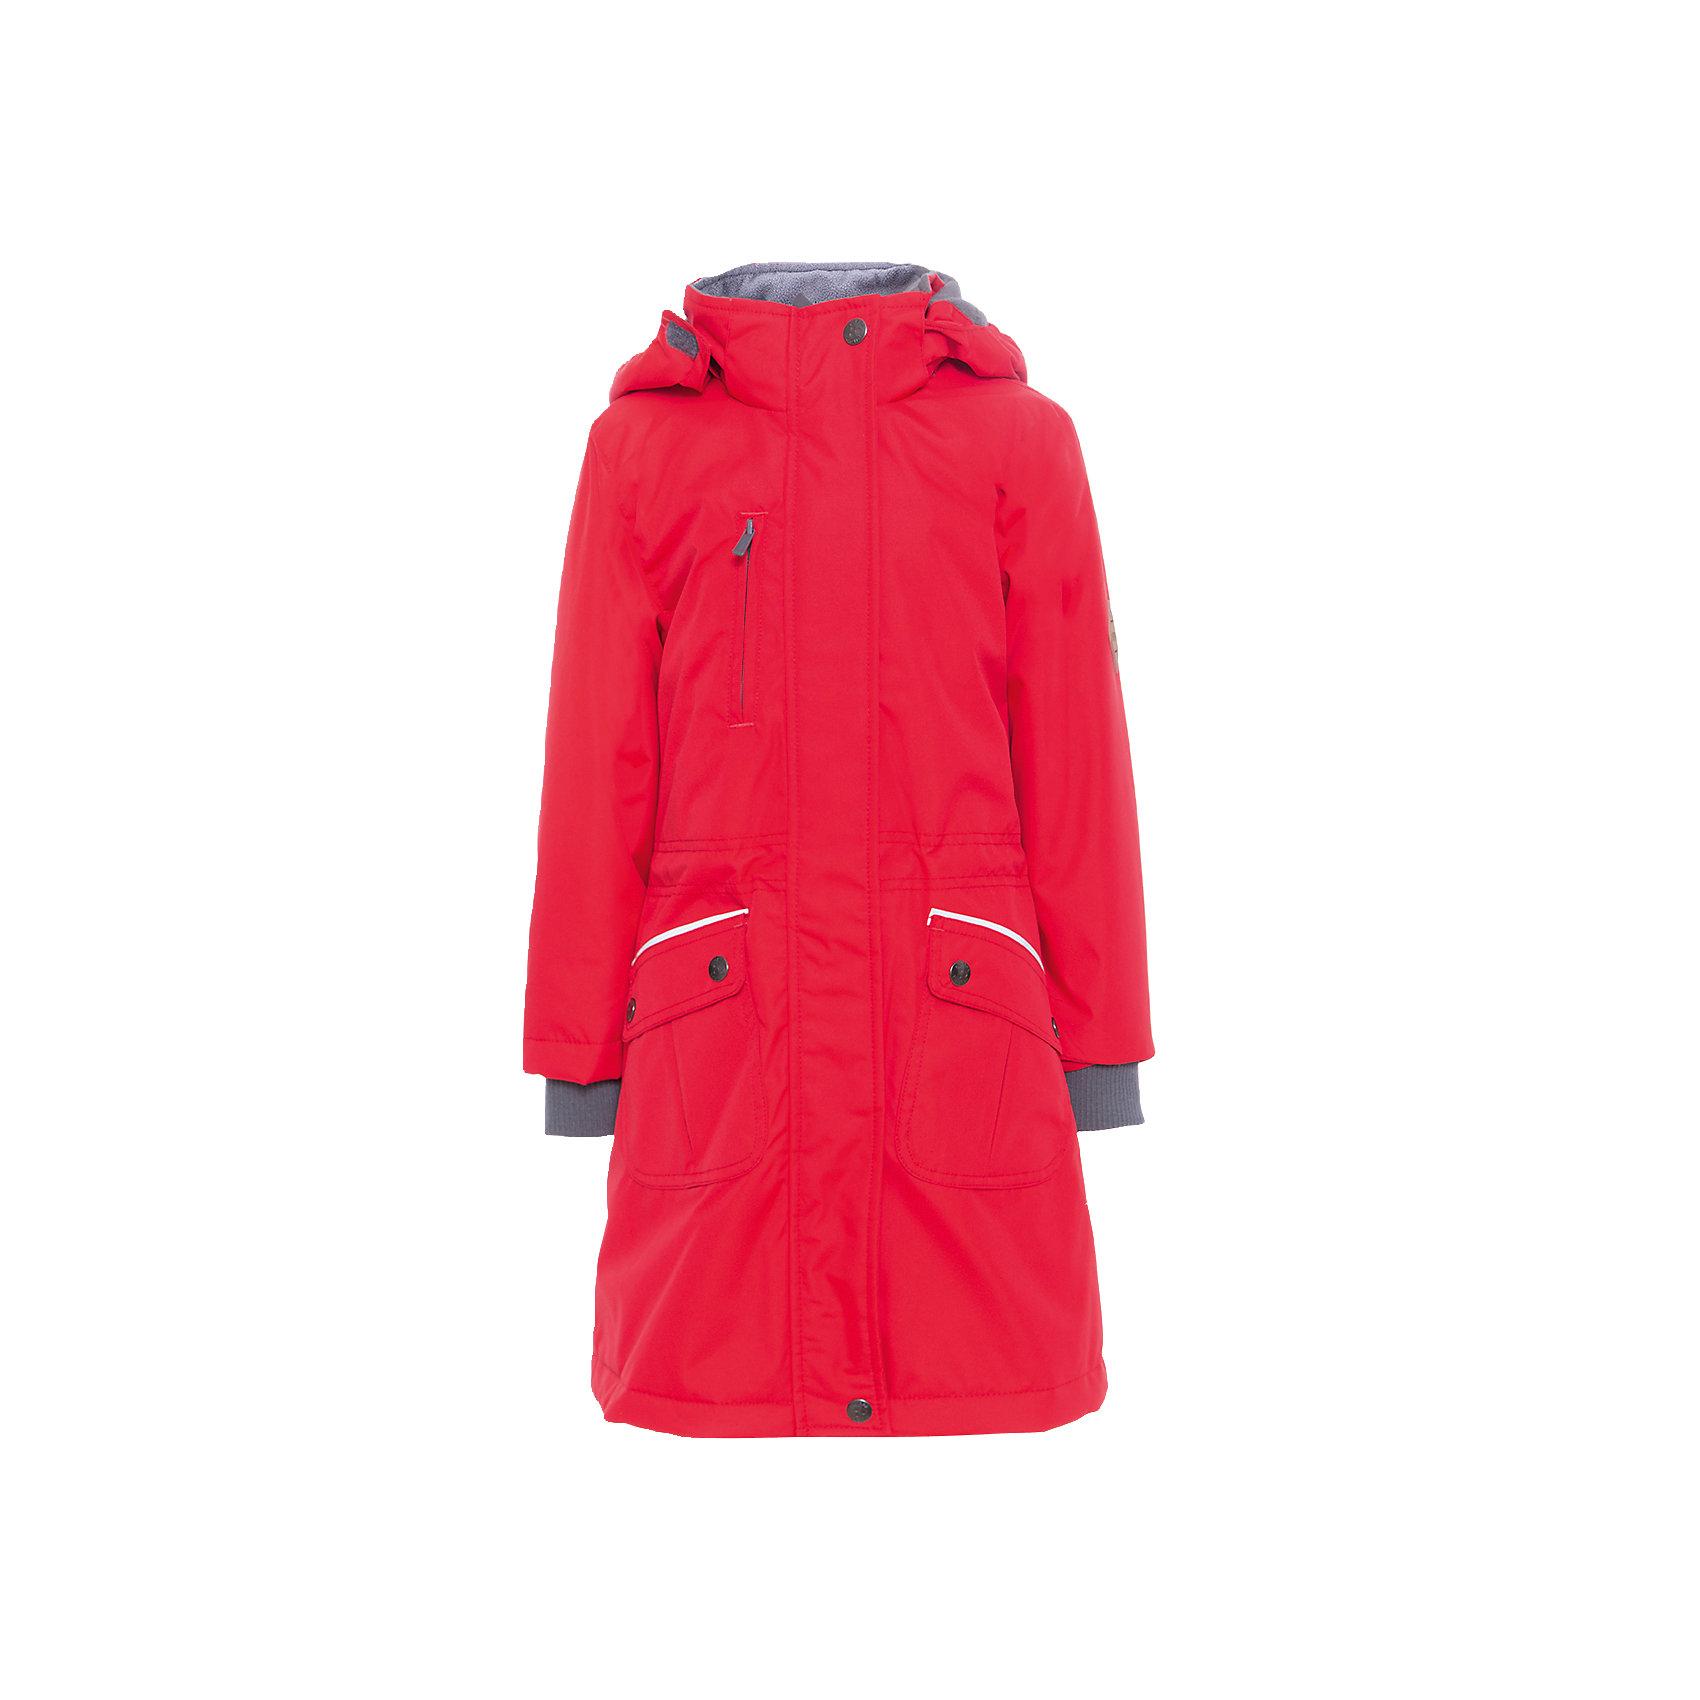 Куртка для девочки MOONI HuppaПальто и плащи<br>Характеристики товара:<br><br>• цвет: красный<br>• ткань: 100% полиэстер<br>• подкладка: тафта- 100% полиэстер<br>• утеплитель: 100% полиэстер 100 г<br>• температурный режим: от -5°С до +10°С<br>• водонепроницаемость: 10000 мм<br>• воздухопроницаемость: 10000 мм<br>• светоотражающие детали<br>• внутренние вязанные манжеты<br>• плечевые швы проклеены<br>• эластичный шнур + фиксатор<br>• съёмный капюшон с резинкой<br>• карманы на молнии<br>• комфортная посадка<br>• коллекция: весна-лето 2017<br>• страна бренда: Эстония<br><br>Такая легкая и стильная куртка обеспечит детям тепло и комфорт. Она сделана из материала, отталкивающего воду, и дополнено подкладкой с утеплителем, поэтому изделие идеально подходит для межсезонья. Материал изделия - с мембранной технологией: защищая от влаги и ветра, он легко выводит лишнюю влагу наружу. Для удобства сделан капюшон. Куртка очень симпатично смотрится, яркая расцветка и крой добавляют ему оригинальности. Модель была разработана специально для детей.<br><br>Одежда и обувь от популярного эстонского бренда Huppa - отличный вариант одеть ребенка можно и комфортно. Вещи, выпускаемые компанией, качественные, продуманные и очень удобные. Для производства изделий используются только безопасные для детей материалы. Продукция от Huppa порадует и детей, и их родителей!<br><br>Куртку для девочки MOONI от бренда Huppa (Хуппа) можно купить в нашем интернет-магазине.<br><br>Ширина мм: 356<br>Глубина мм: 10<br>Высота мм: 245<br>Вес г: 519<br>Цвет: красный<br>Возраст от месяцев: 48<br>Возраст до месяцев: 60<br>Пол: Женский<br>Возраст: Детский<br>Размер: 110,158,104,116,122,128,134,140,146,152<br>SKU: 5346916